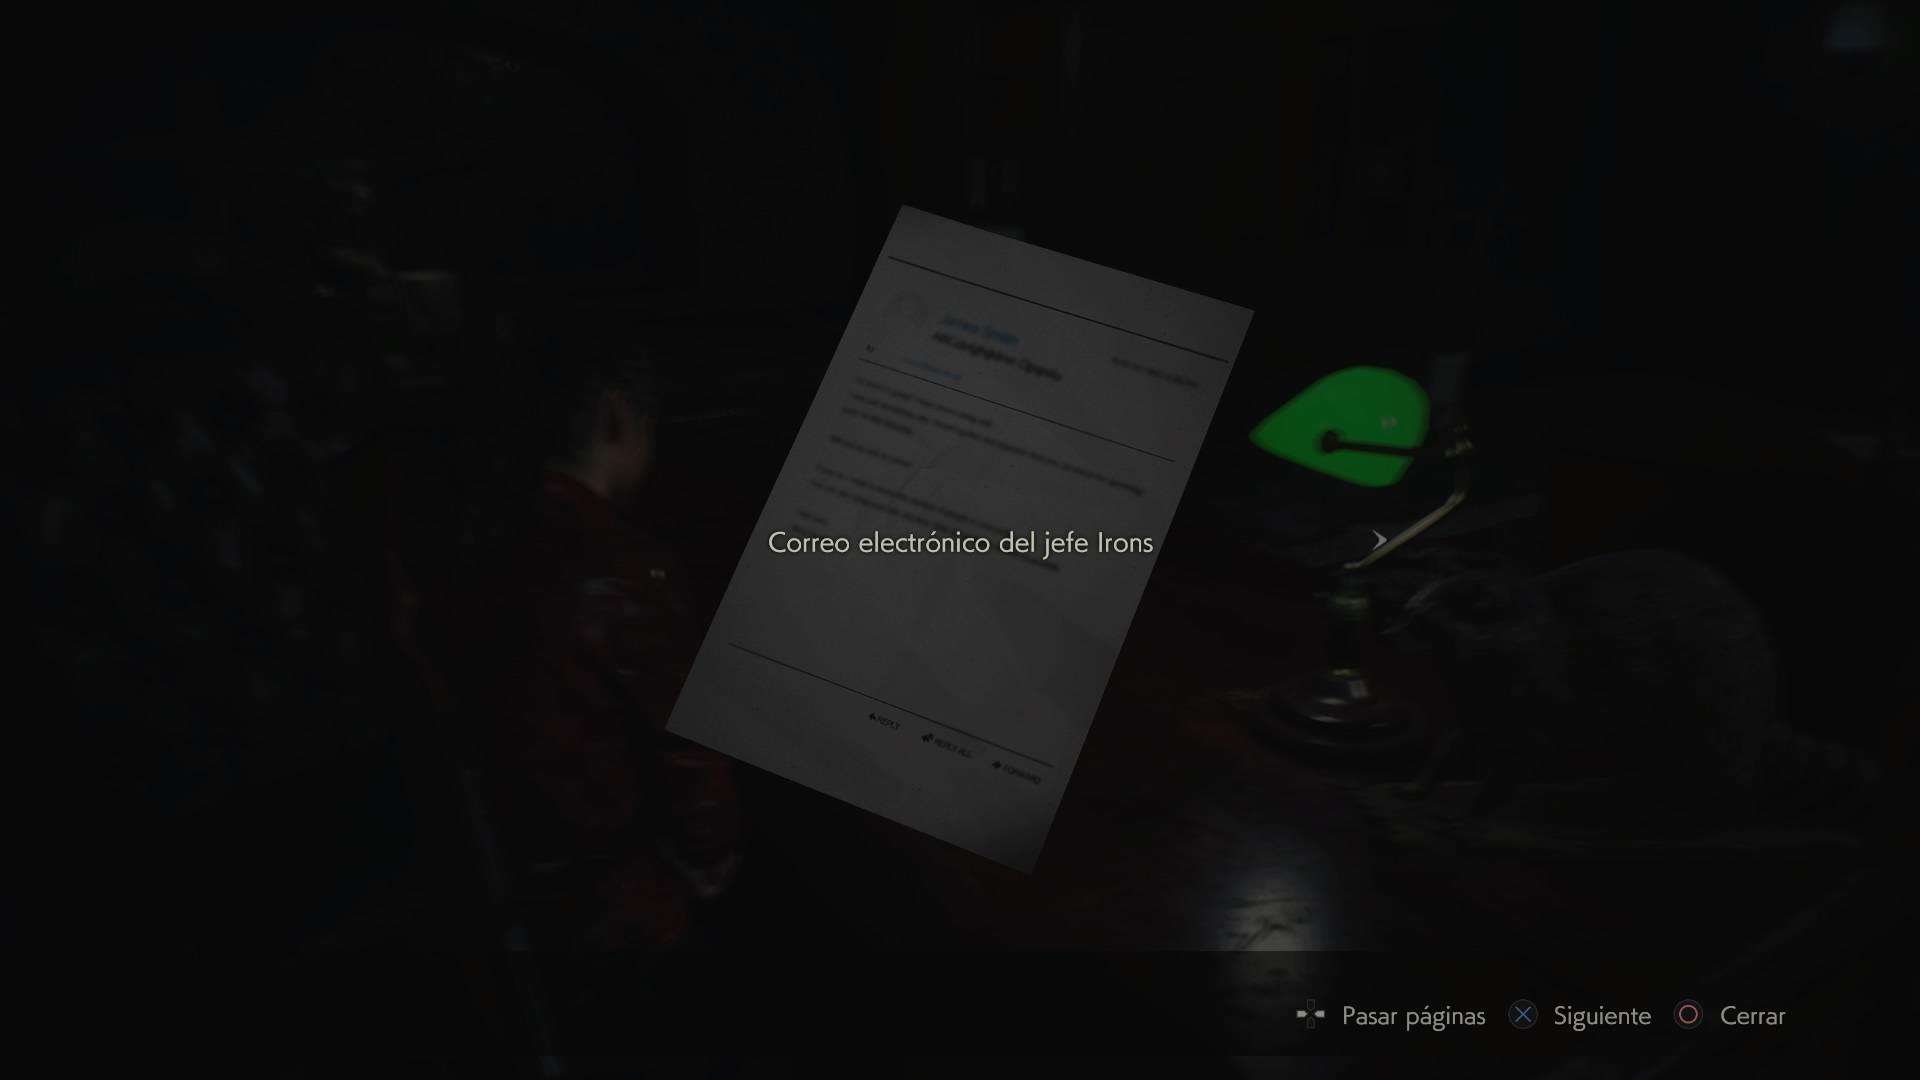 Correo electrónico del jefe Irons